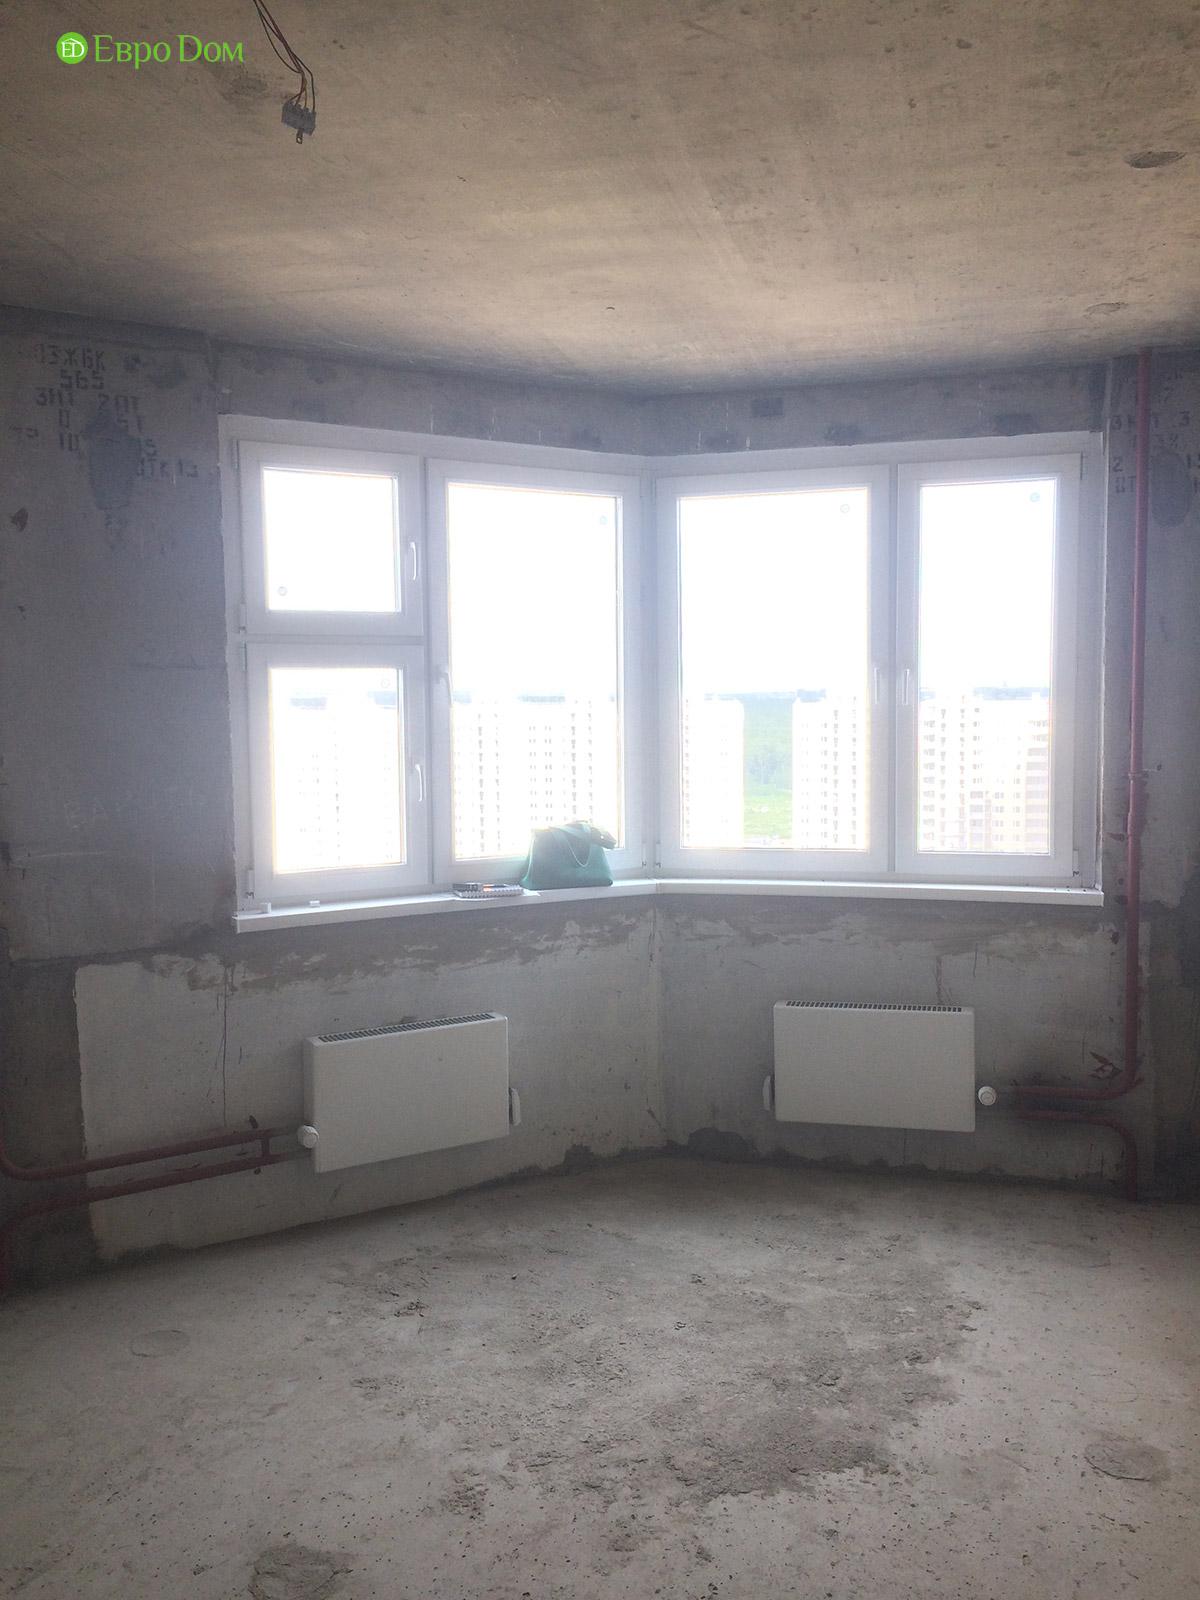 Ремонт и отделка 4-комнатной квартиры 109 кв. м.  Интерьер в современном стиле. Фото 017